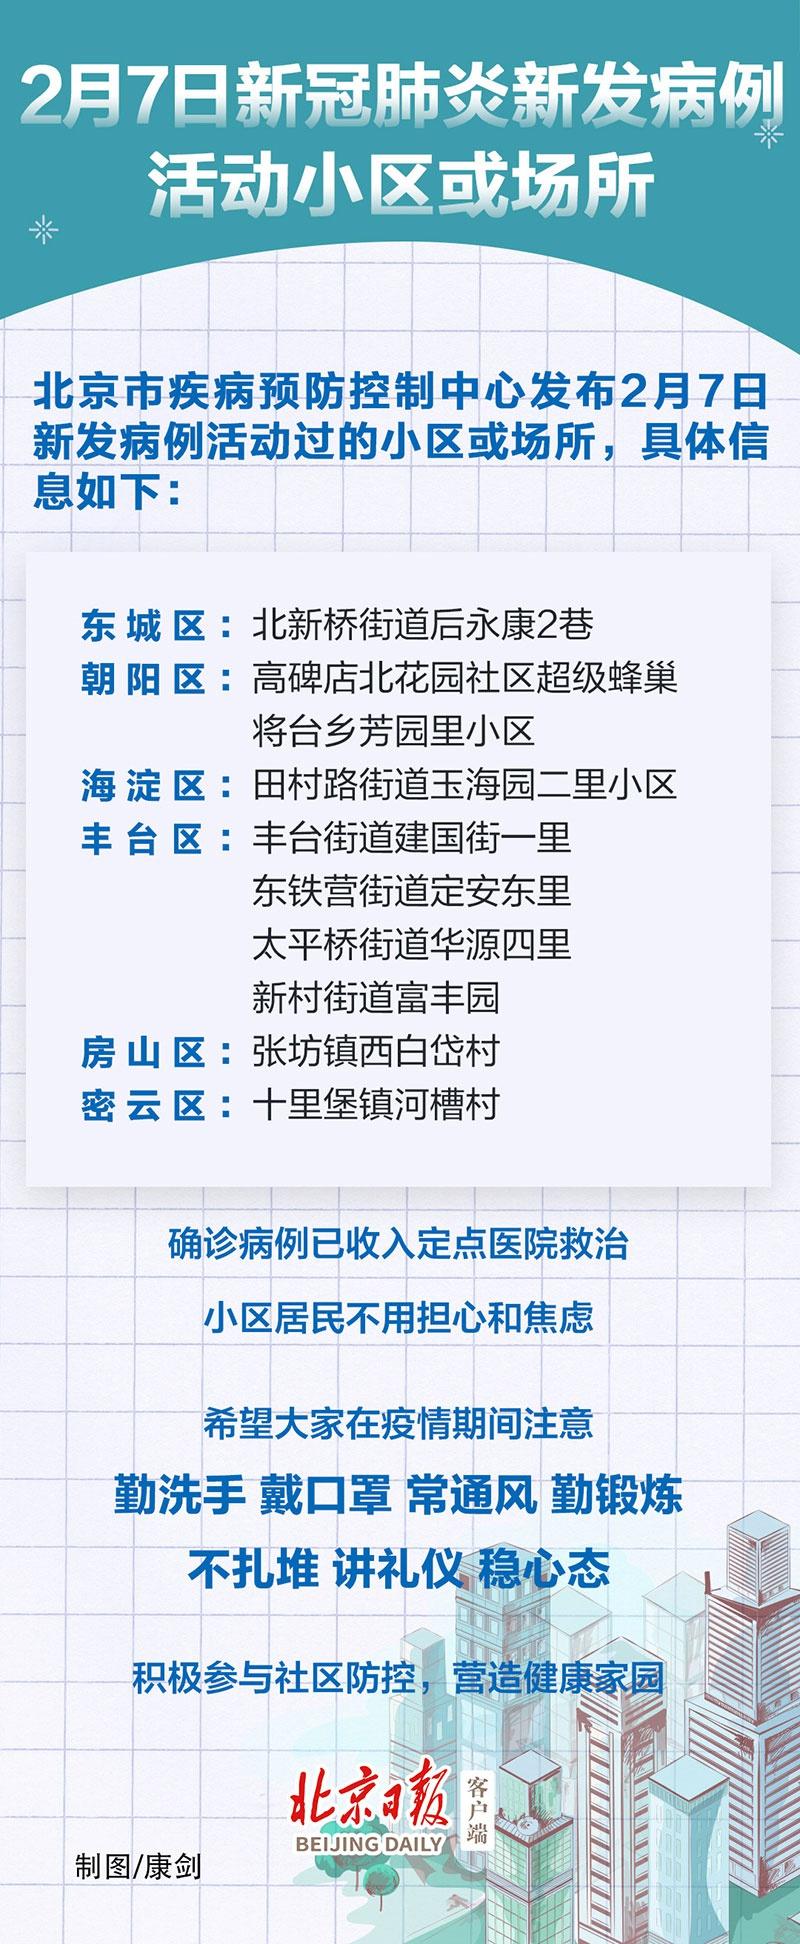 2月7日北京新冠肺炎新发病例活动过的小区或场所图片